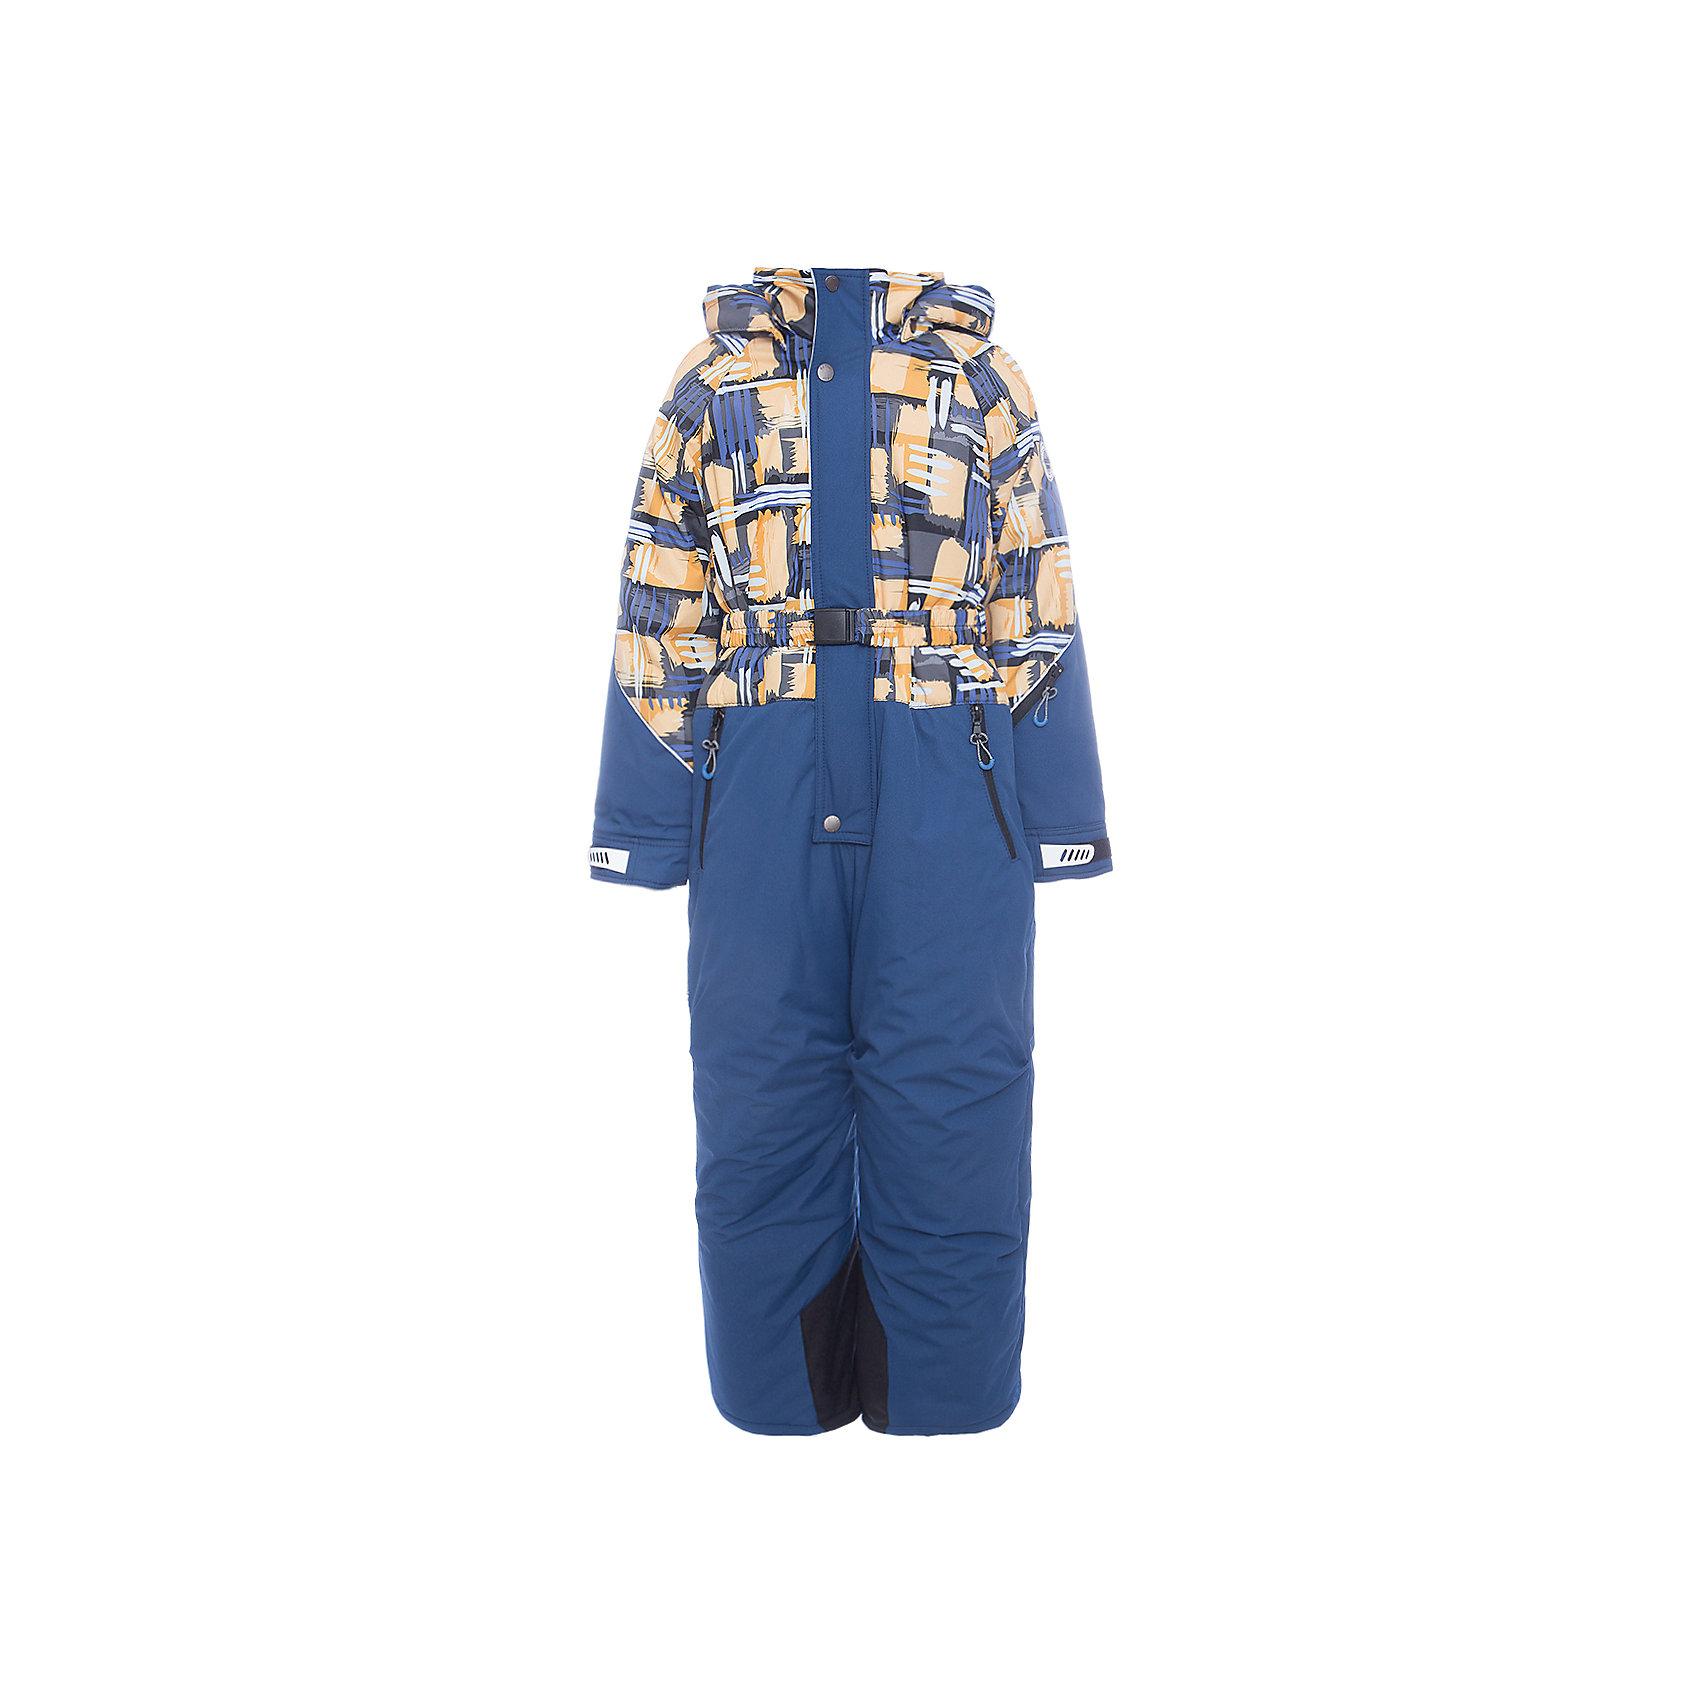 Комбинезон Никита Batik для мальчикаВерхняя одежда<br>Характеристики товара:<br><br>• цвет: оранжевый<br>• состав ткани: таслан<br>• подкладка: поларфлис<br>• утеплитель: слайтекс<br>• сезон: зима<br>• мембранное покрытие<br>• температурный режим: от -35 до 0<br>• водонепроницаемость: 5000 мм <br>• паропроницаемость: 5000 г/м2<br>• плотность утеплителя: 300 г/м2<br>• застежка: молния<br>• капюшон: съемный, без меха<br>• износостойкие вставки на брючинах<br>• страна бренда: Россия<br>• страна изготовитель: Россия<br><br>Подкладка зимнего комбинезона для мальчика сделана из мягкого поларфлис. Детский зимний комбинезон дополнен капюшоном, плясом и удобной молнией с ветрозащитной планкой. Детский комбинезон декорирован принтом. Верх детского комбинезона надежно защитит от непогоды и мороза благодаря мембранному покрытию. <br><br>Комбинезон Никита Batik (Батик) для мальчика можно купить в нашем интернет-магазине.<br><br>Ширина мм: 356<br>Глубина мм: 10<br>Высота мм: 245<br>Вес г: 519<br>Цвет: желтый<br>Возраст от месяцев: 72<br>Возраст до месяцев: 84<br>Пол: Мужской<br>Возраст: Детский<br>Размер: 122,104,110,116<br>SKU: 7028101